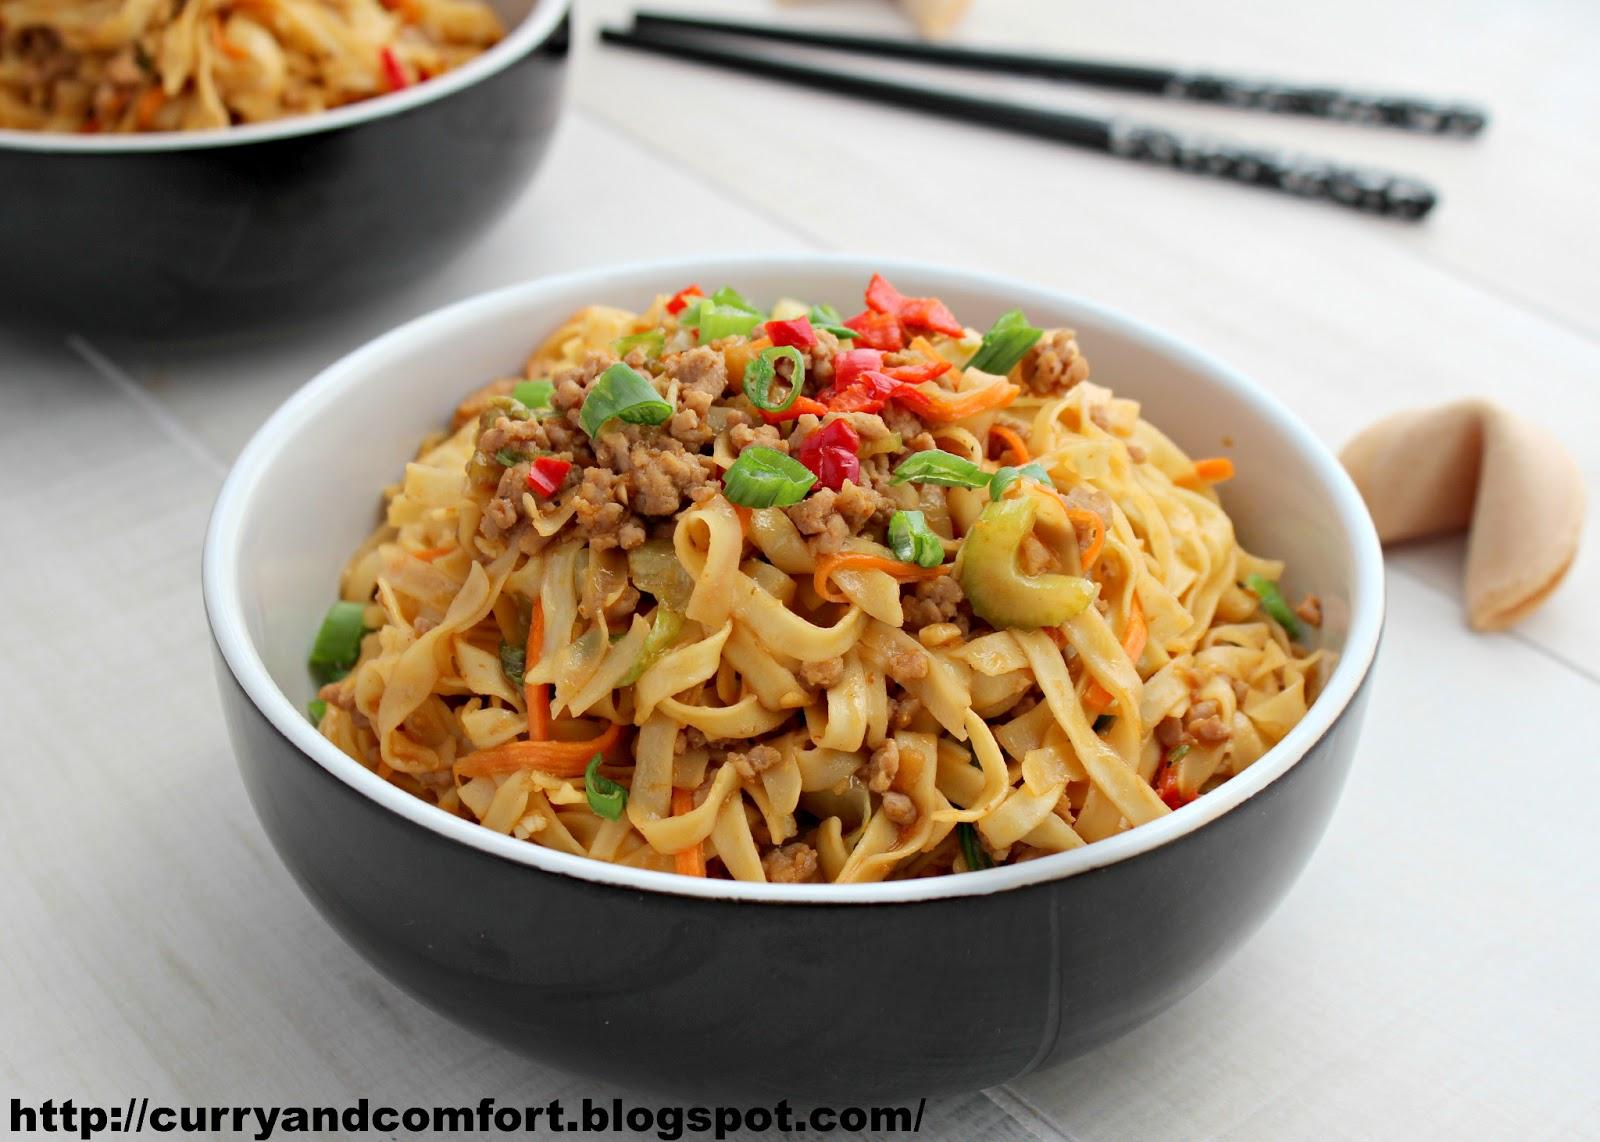 Kitchen Simmer: Lo Mein Noodles with Ground Pork